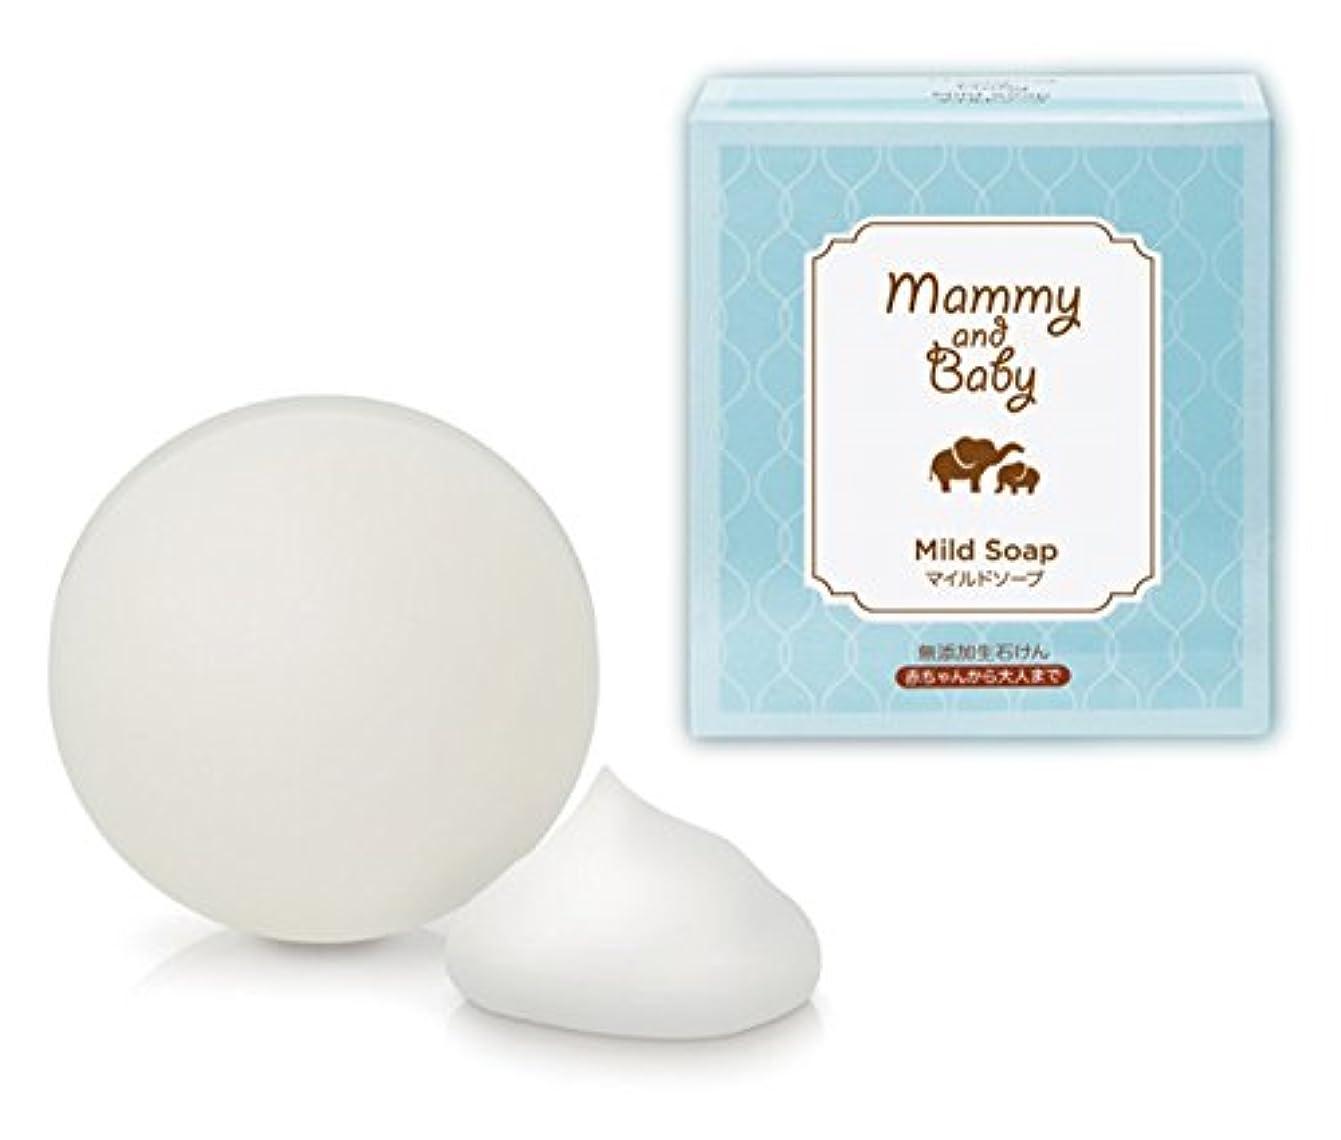 言語学誕生日腹痛Mammy & Baby マイルドソープ 無添加生石鹸 2個組